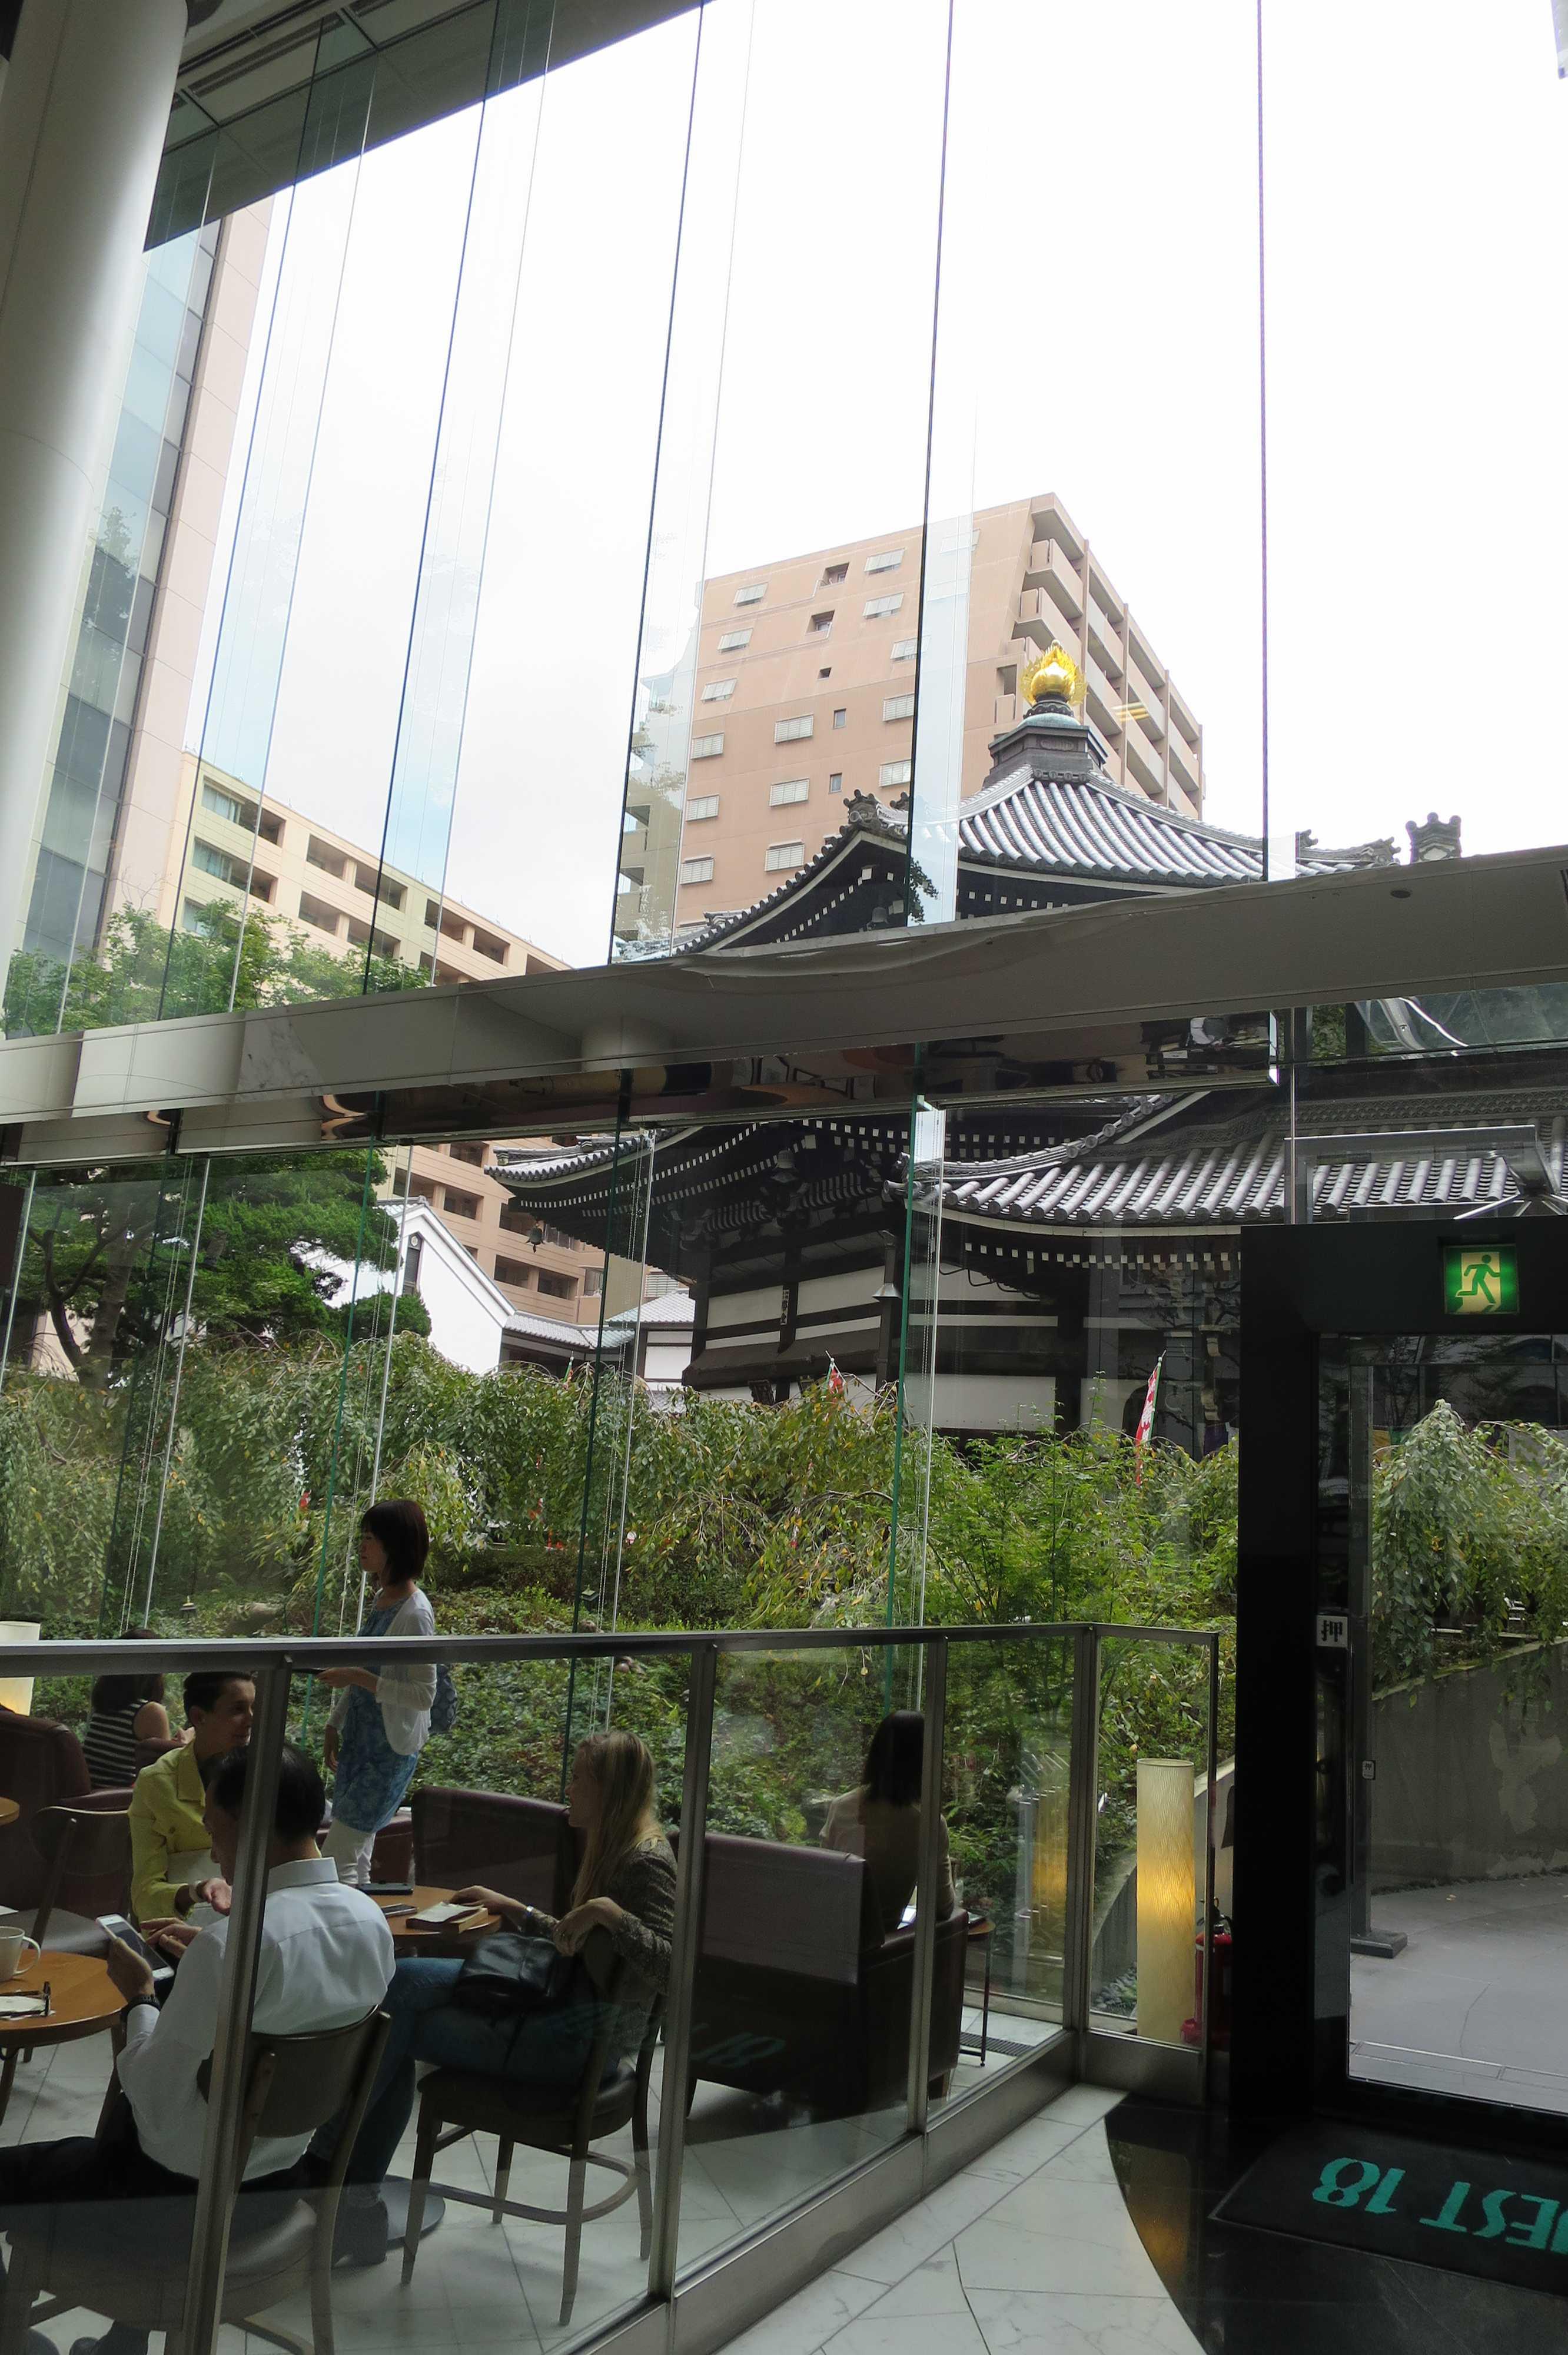 京都・六角堂の真隣のオフィスビル「WEST18」